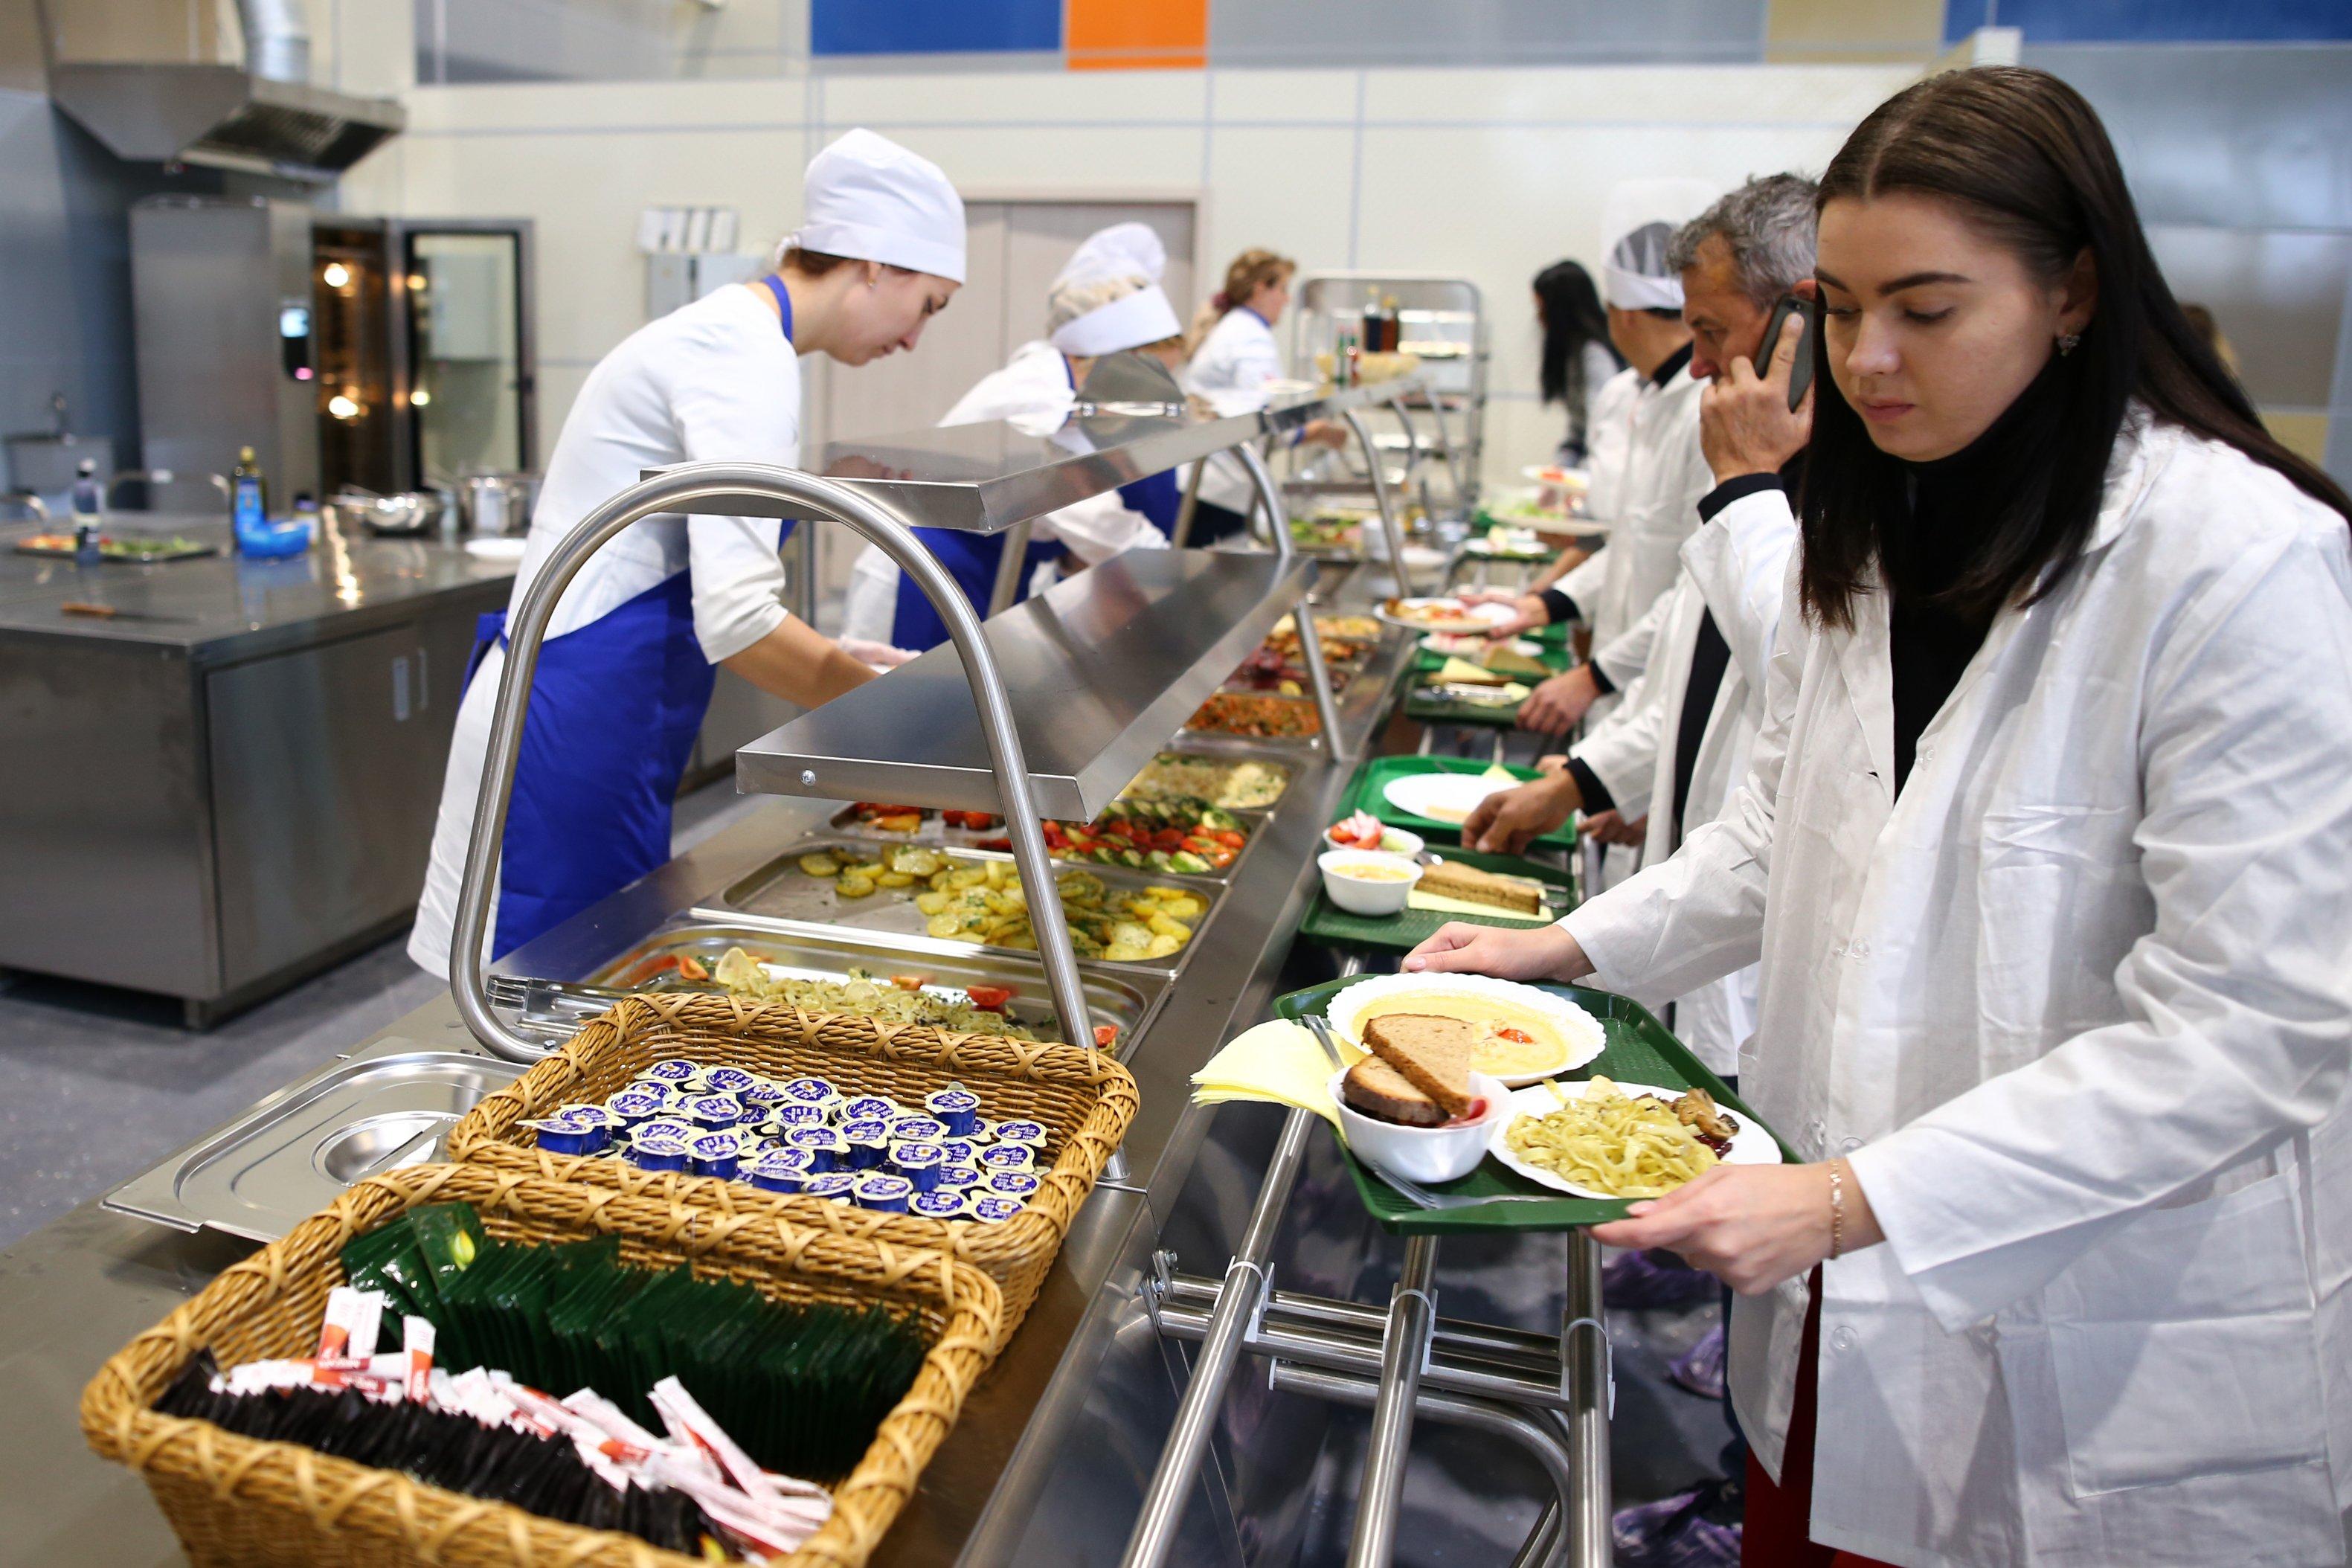 Кухня Универсиады-2019: рассказываем и показываем, где и как будут кормить участников студенческих игр